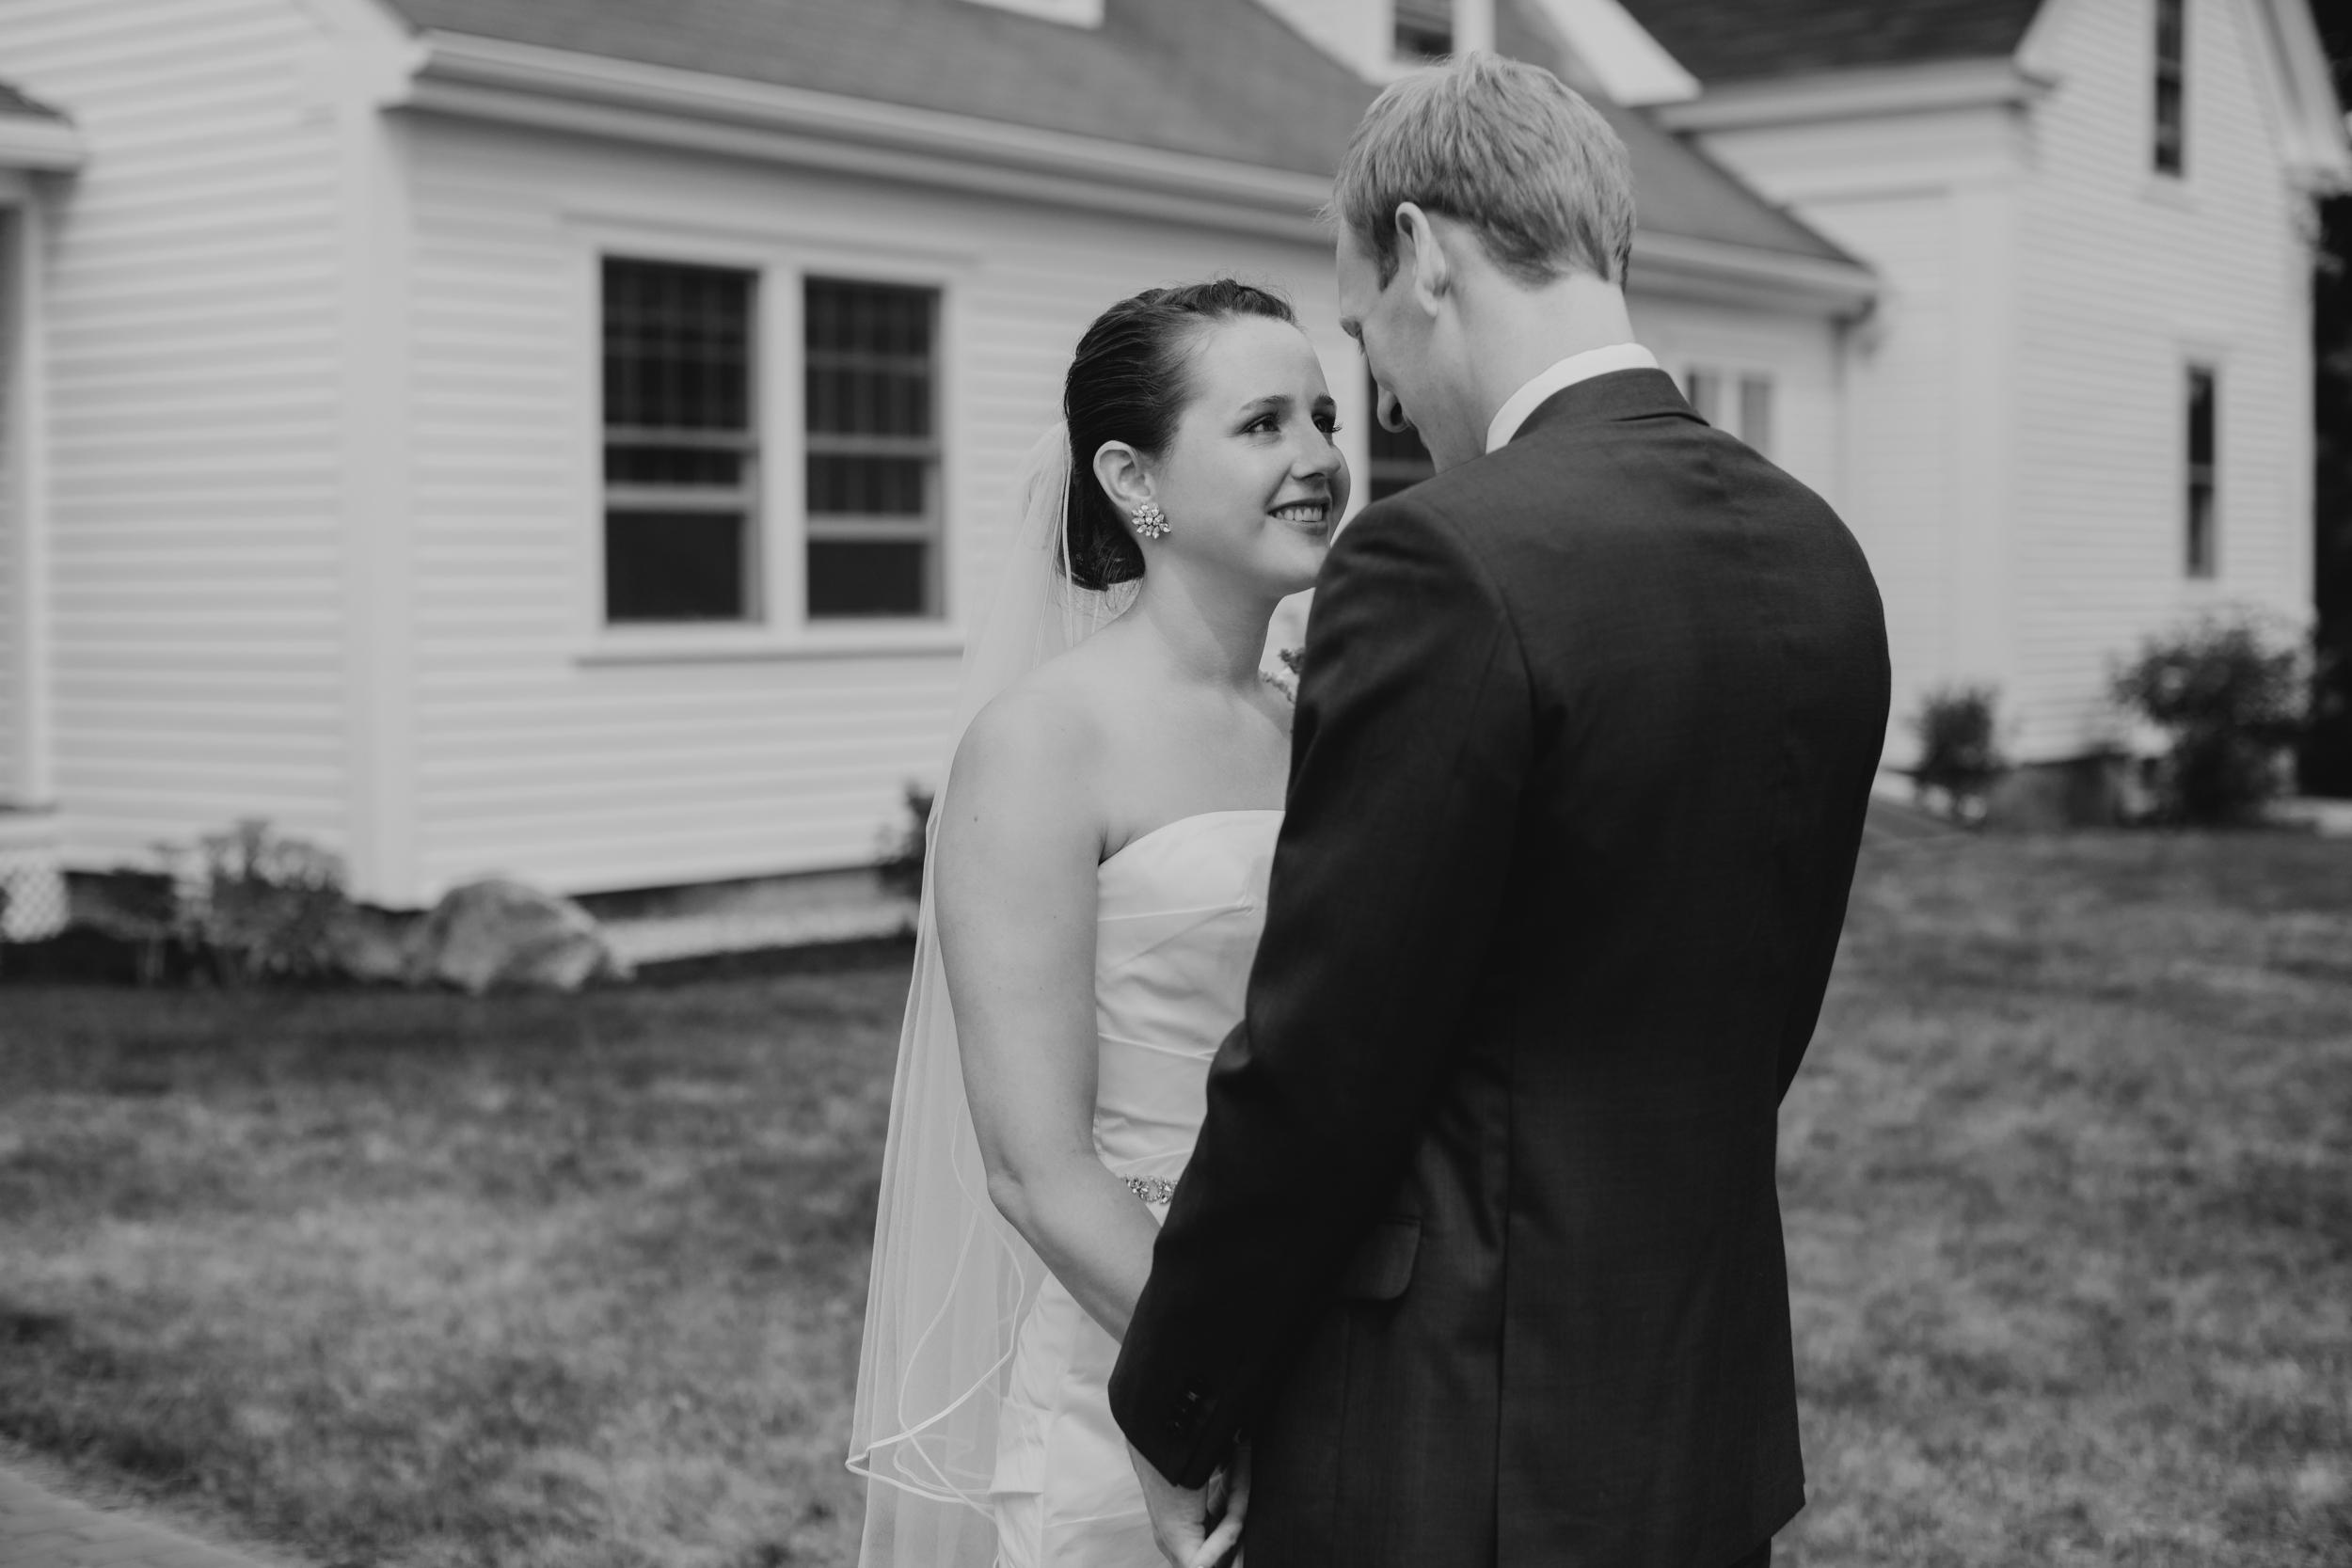 Jessie_Erik_Pownal_Maine_Wedding_William_allen_farm_009.jpg